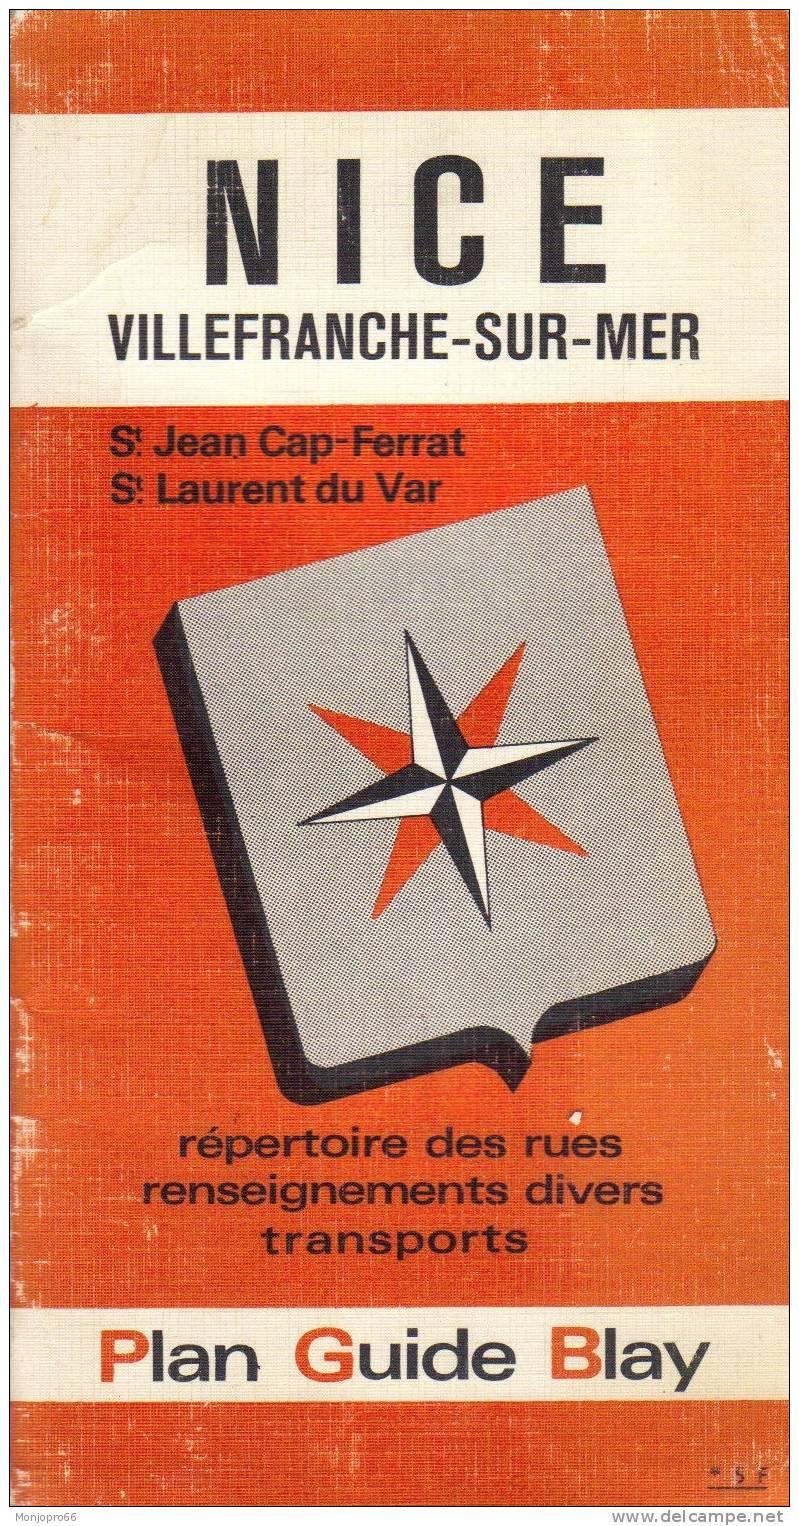 Plan Guide Blay De NICE Villefranche-sur-Mer (St Jean Cap Ferrat St Laurent Du Var) - Other Collections